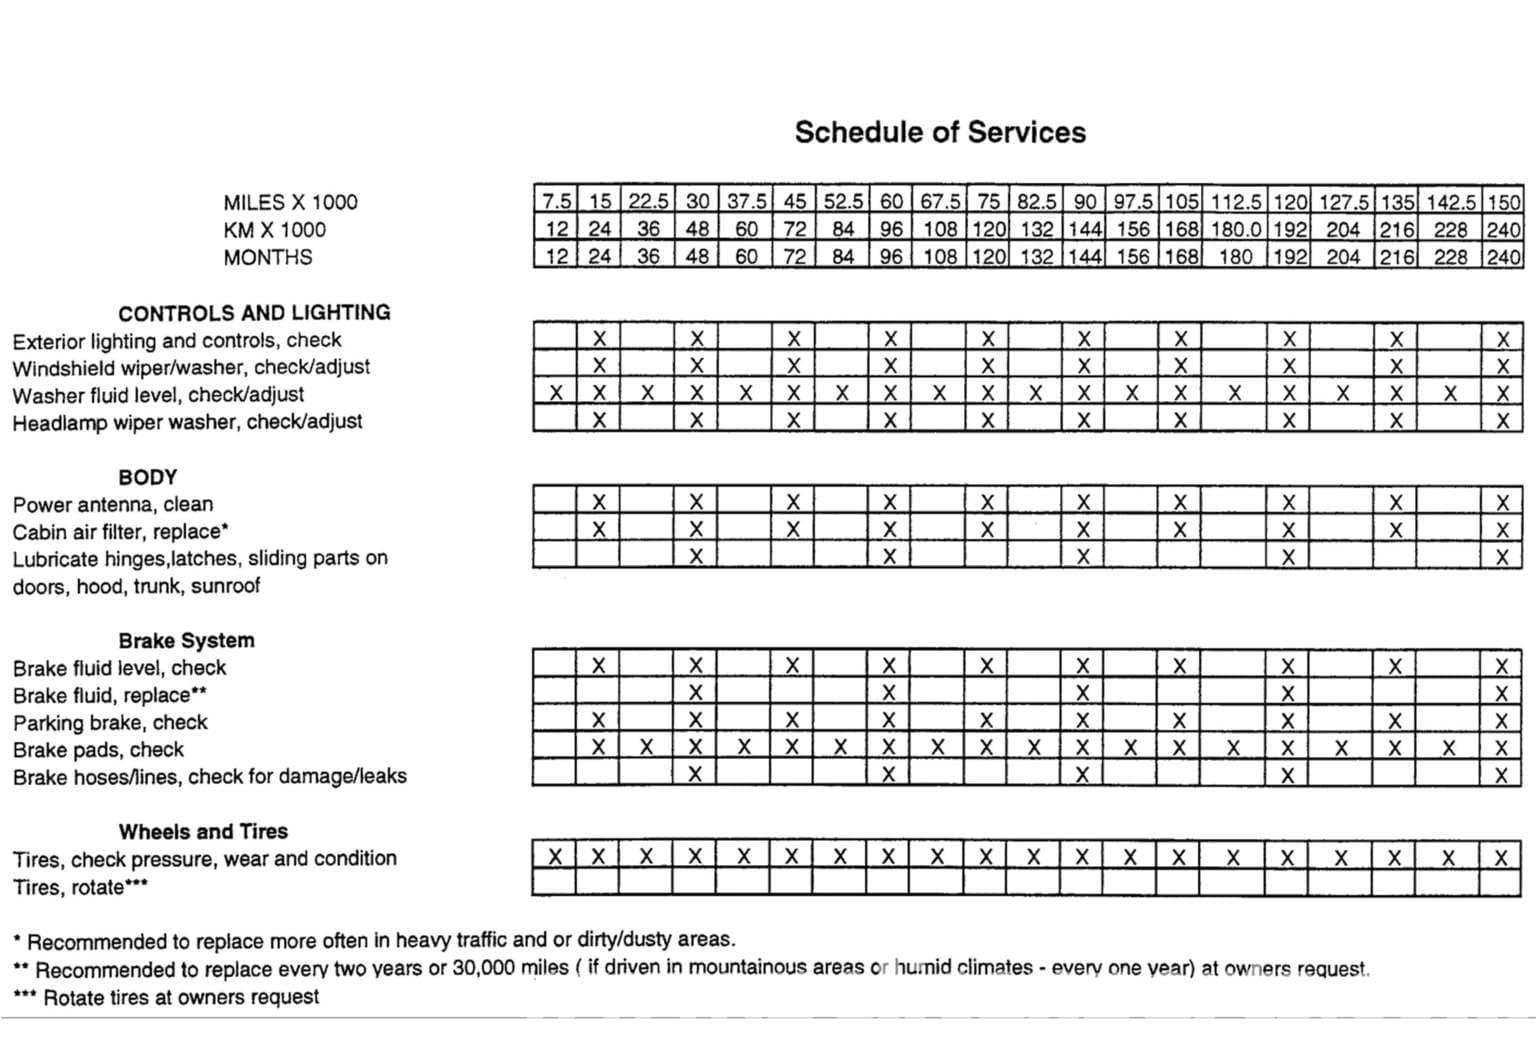 Volvo xc70 maintenance schedule